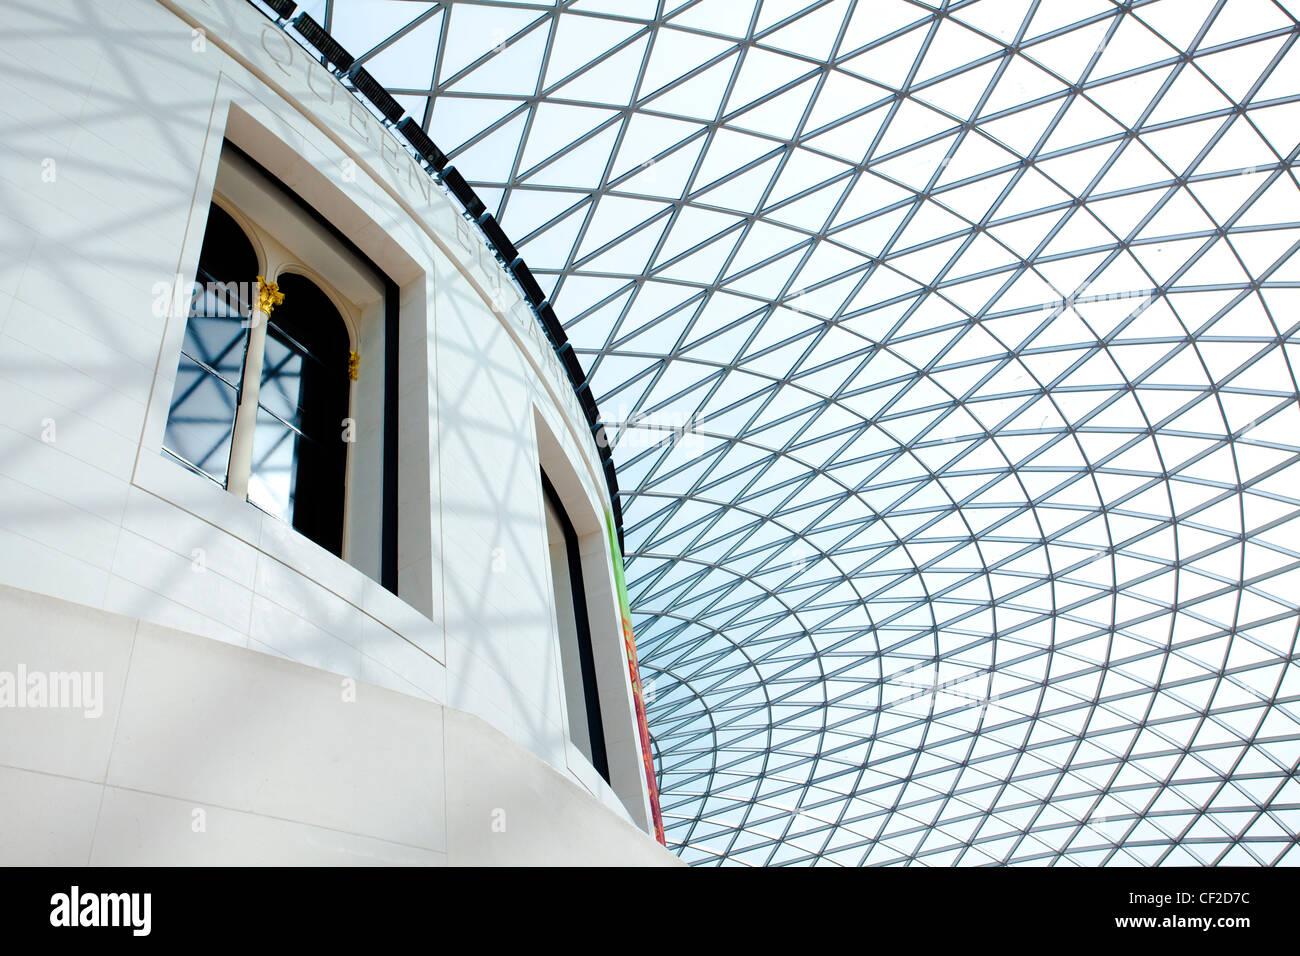 Il tetto in vetro che copre la Regina Elisabetta II Great Court al British Museum. Immagini Stock